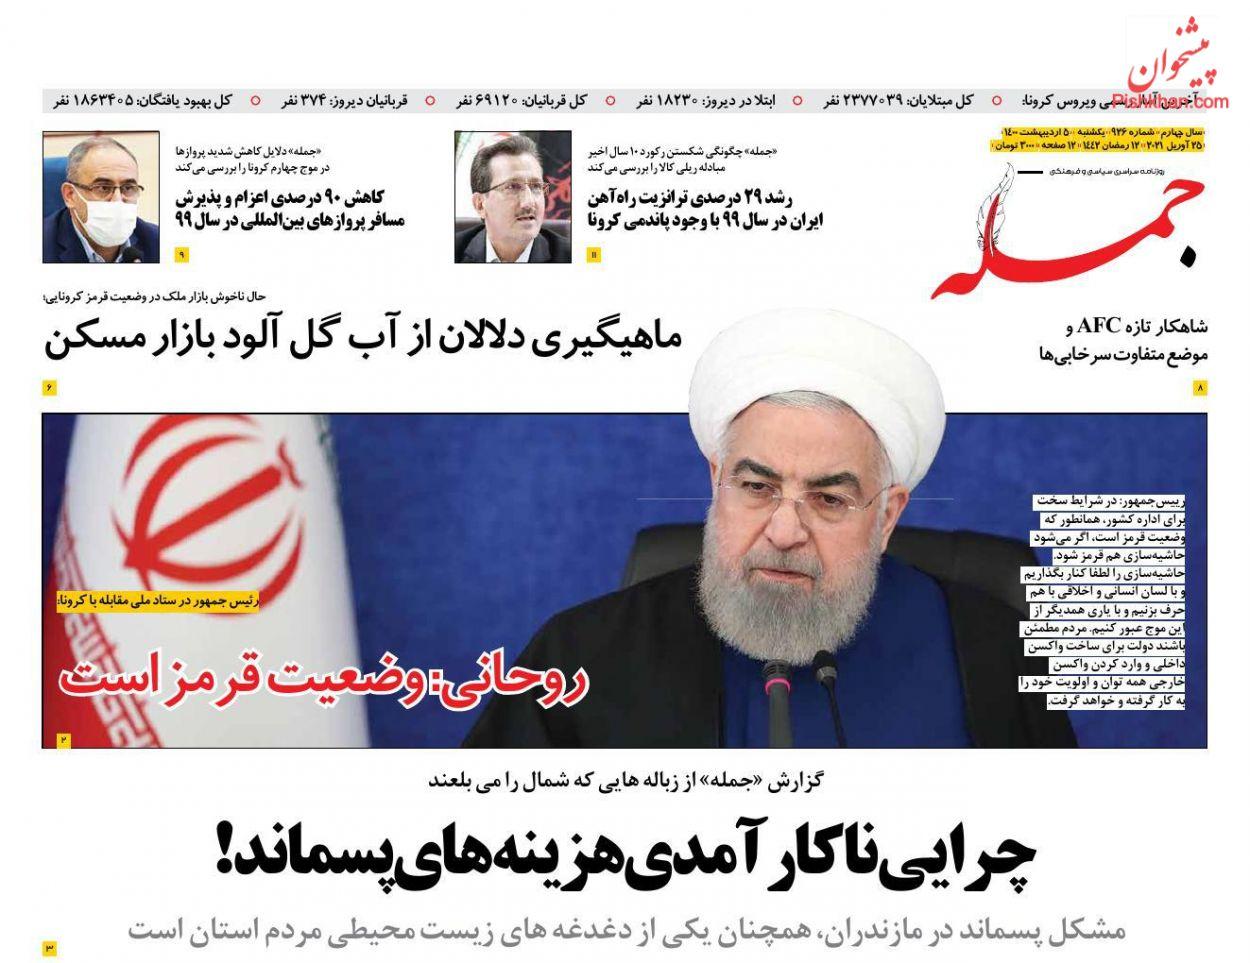 عناوین اخبار روزنامه جمله در روز یکشنبه ۵ ارديبهشت